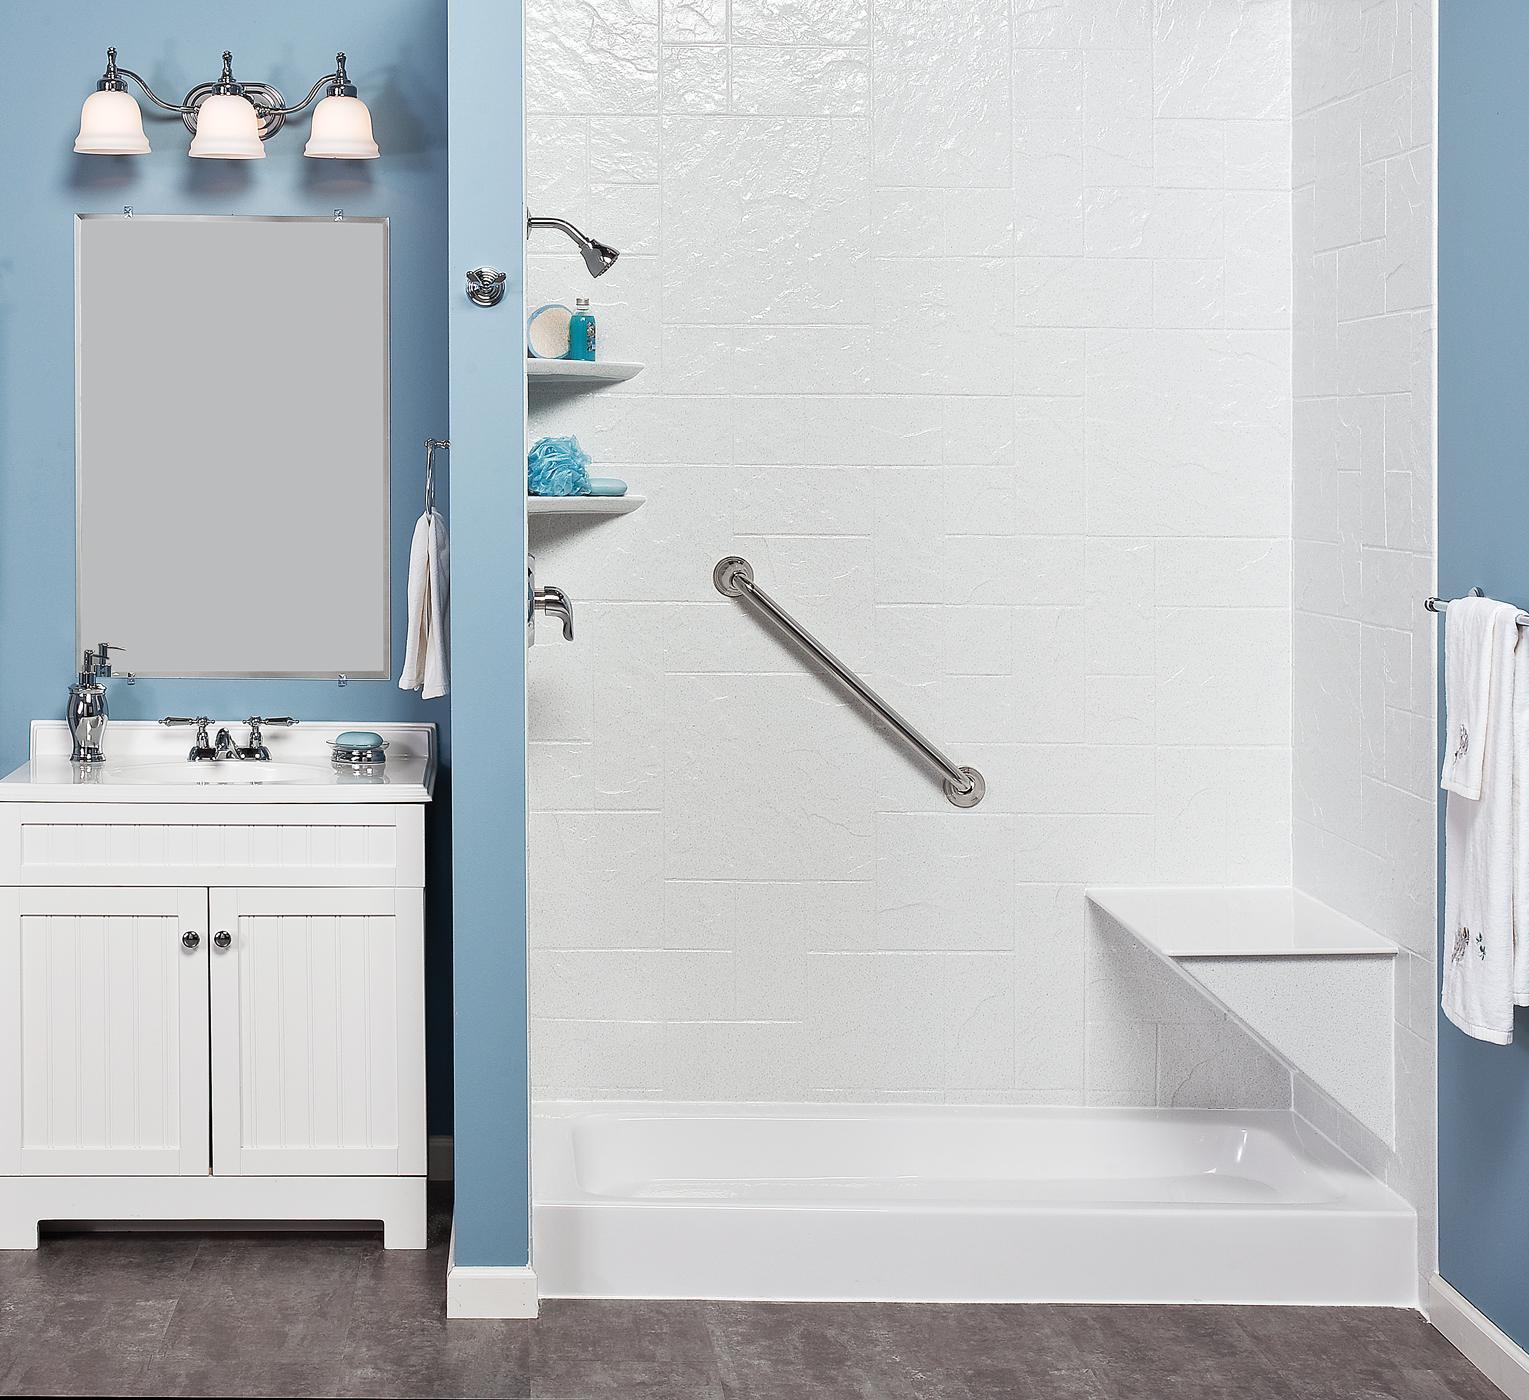 Board Store The Copeland Ave La Crosse WI YPcom - Bathroom remodel la crosse wi